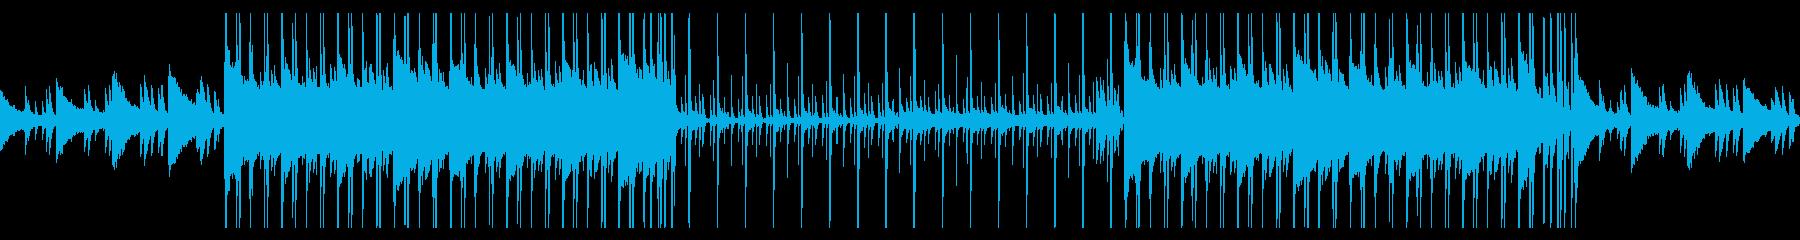 切ないピアノ主体のLofi HipHopの再生済みの波形